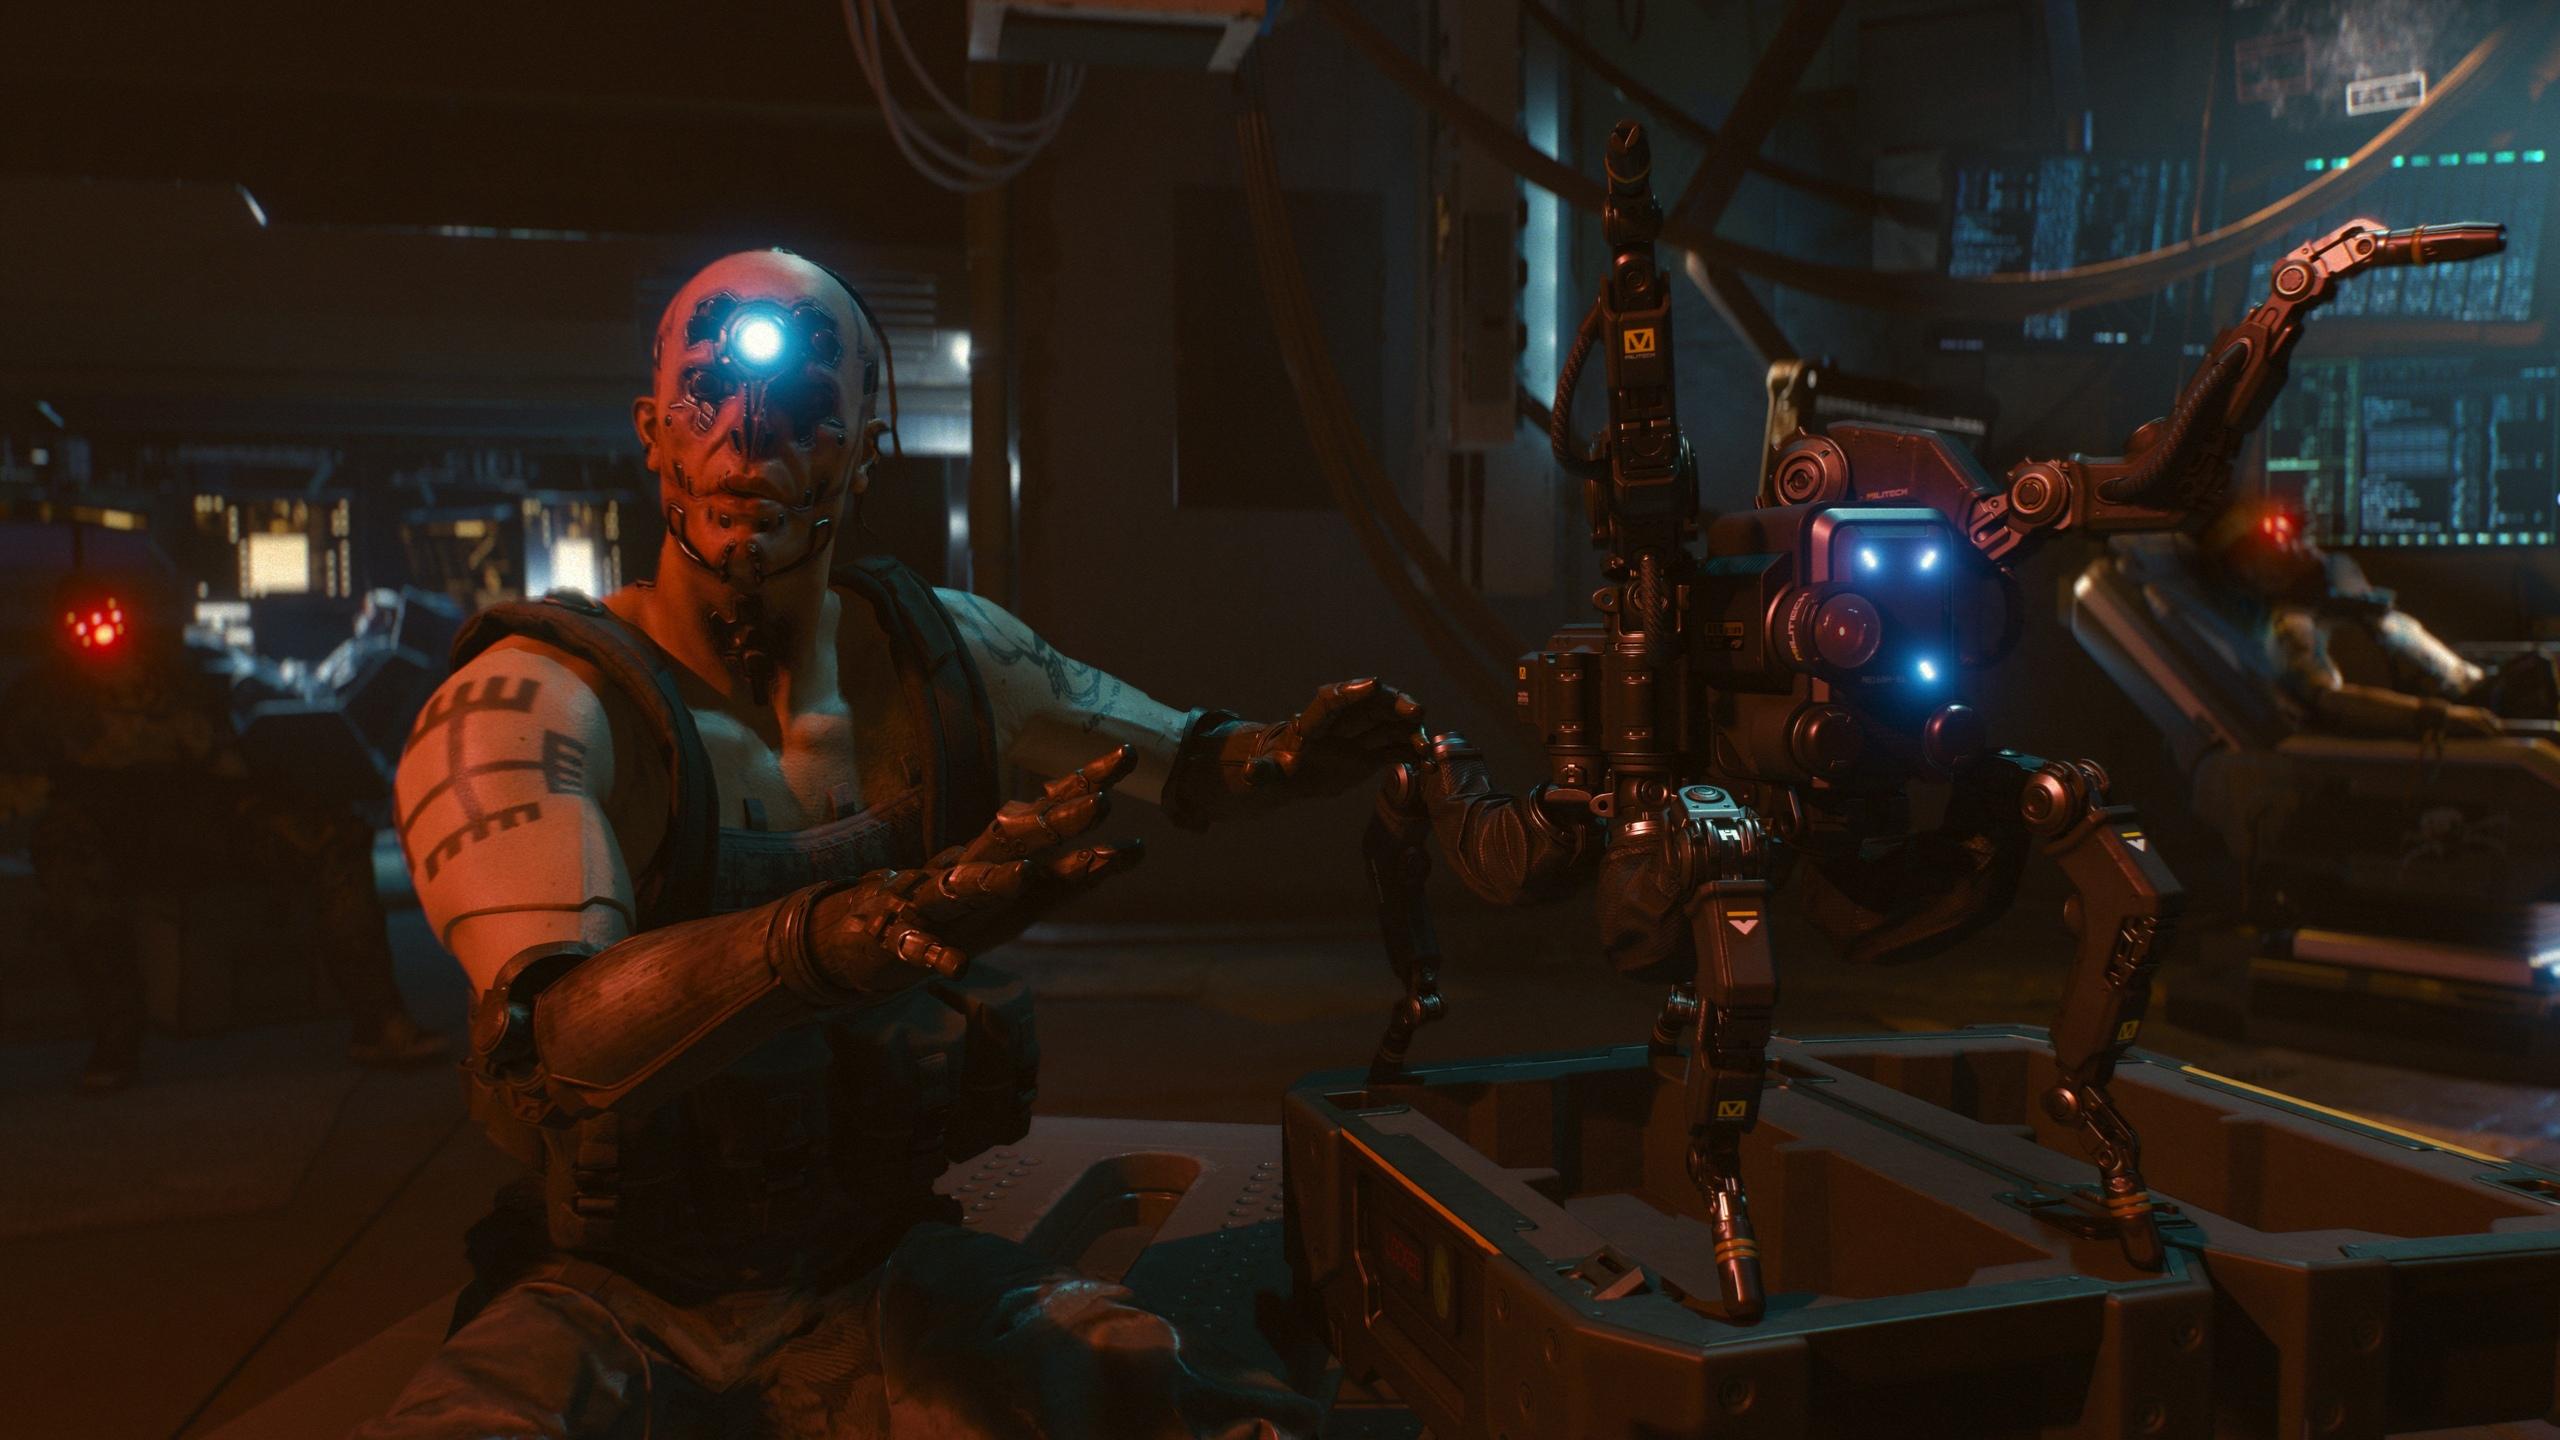 Cyberpunk 2077 - Cyberpunk 2077